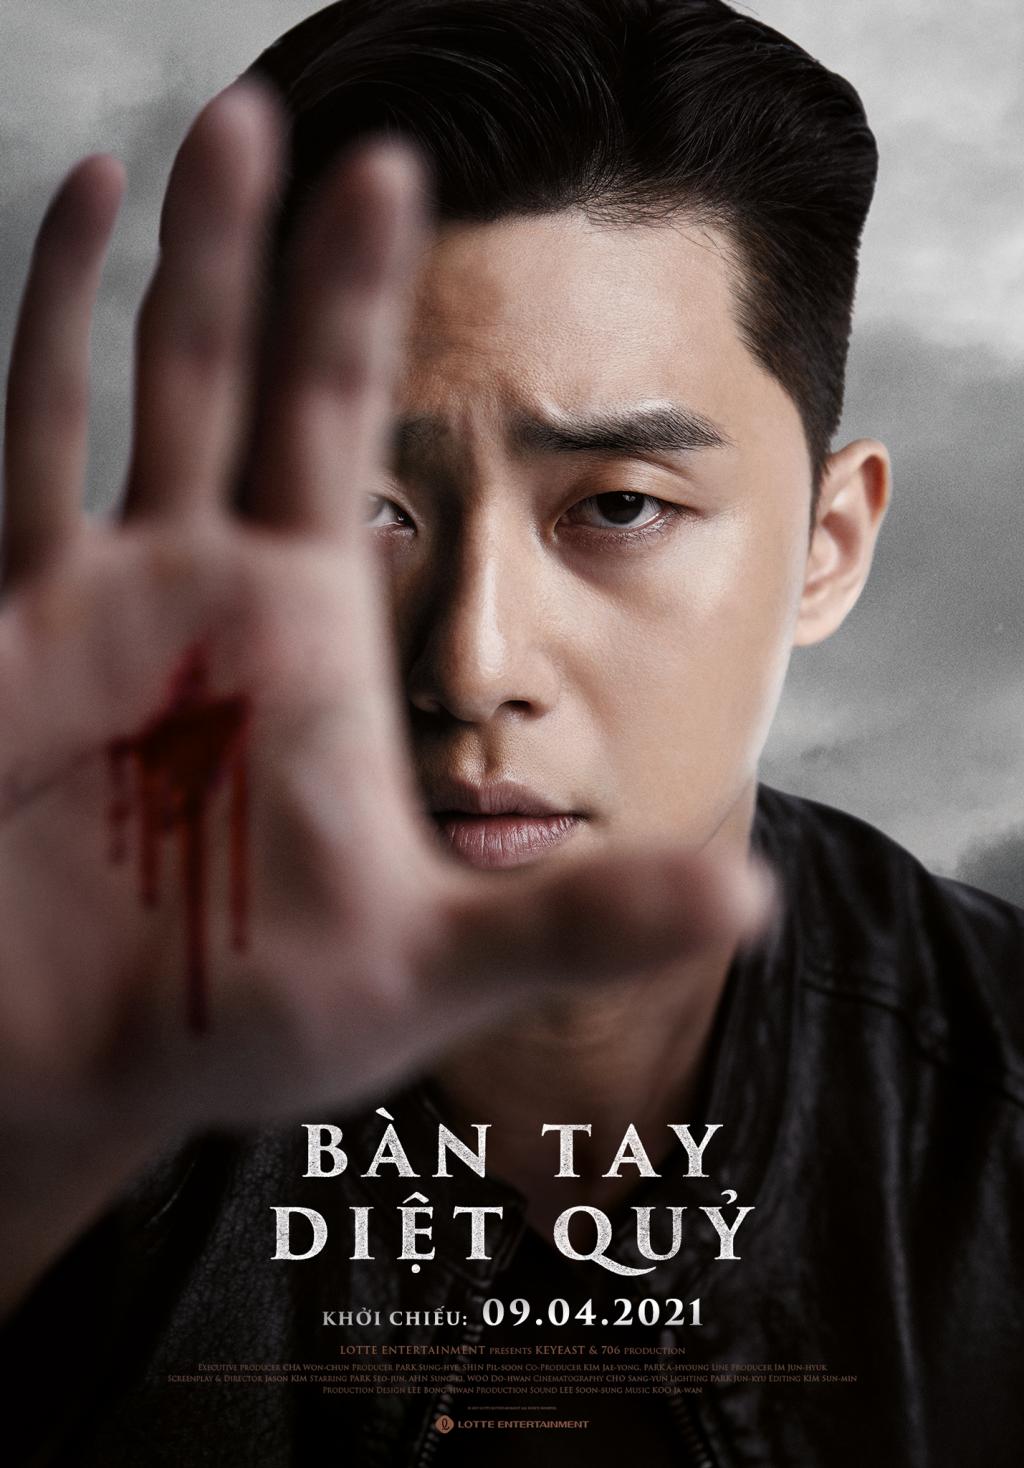 Park Seo Joon liên tục khoe ngoại hình chuẩn 6 múi trong 'Bàn tay diệt quỷ'